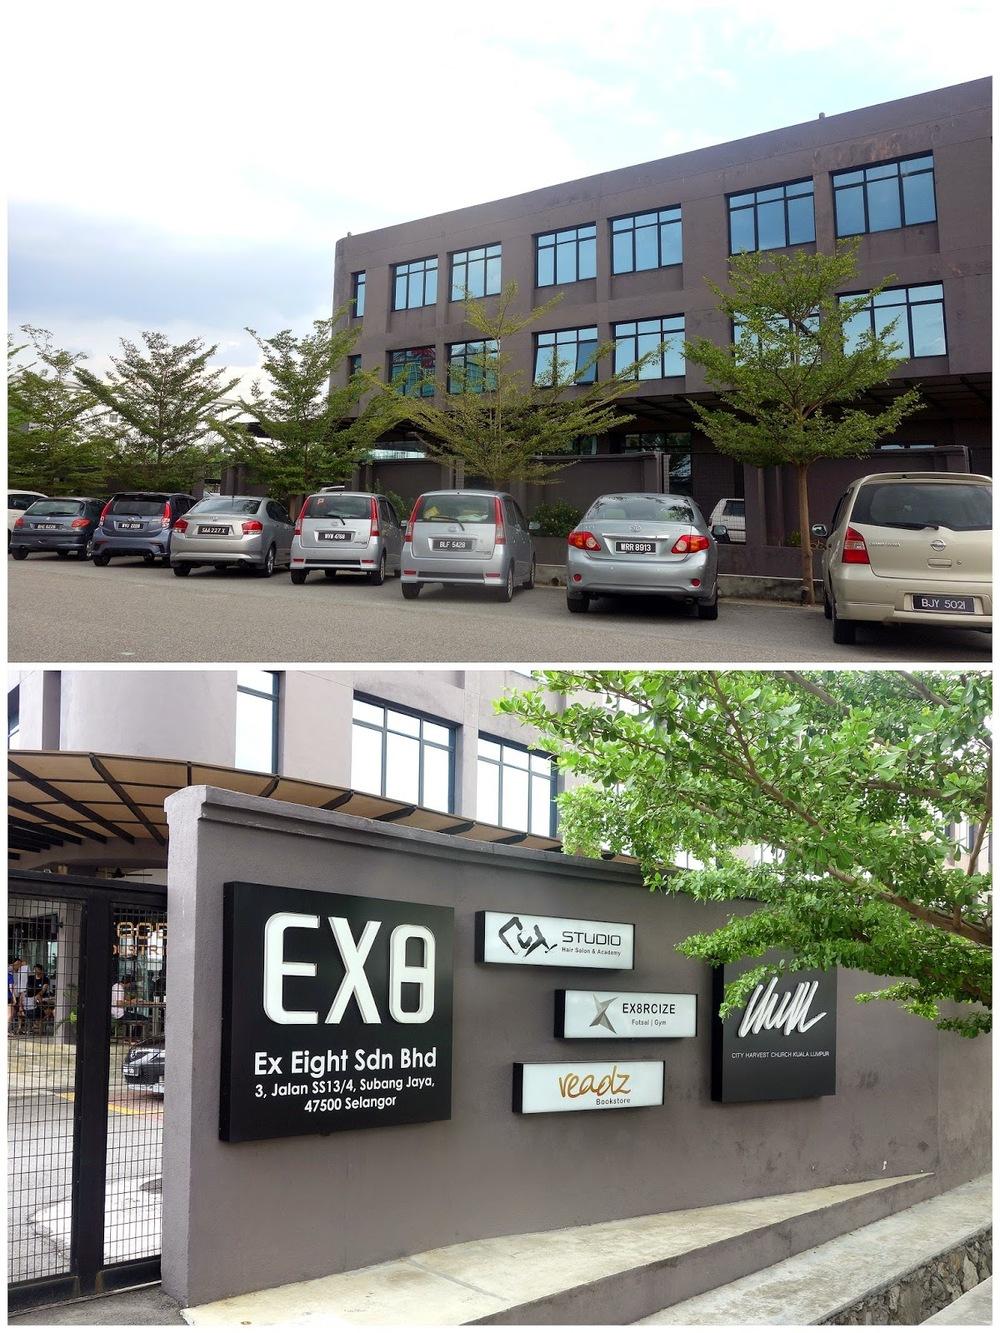 Original photo from eatdrinkkl.blogspot.com